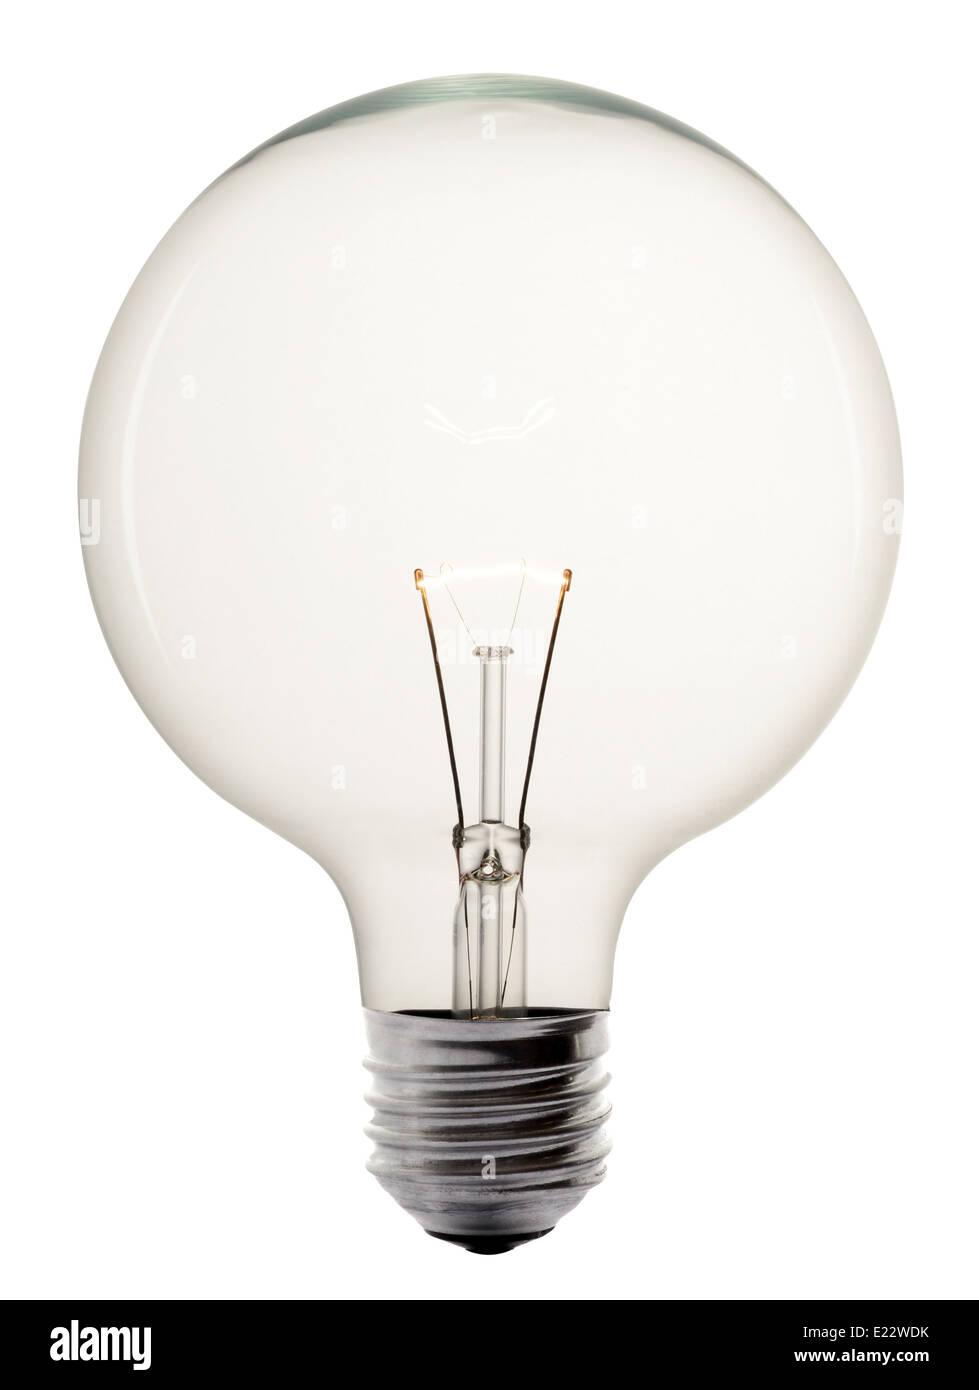 Unico vetro incandescente lampadina Immagini Stock